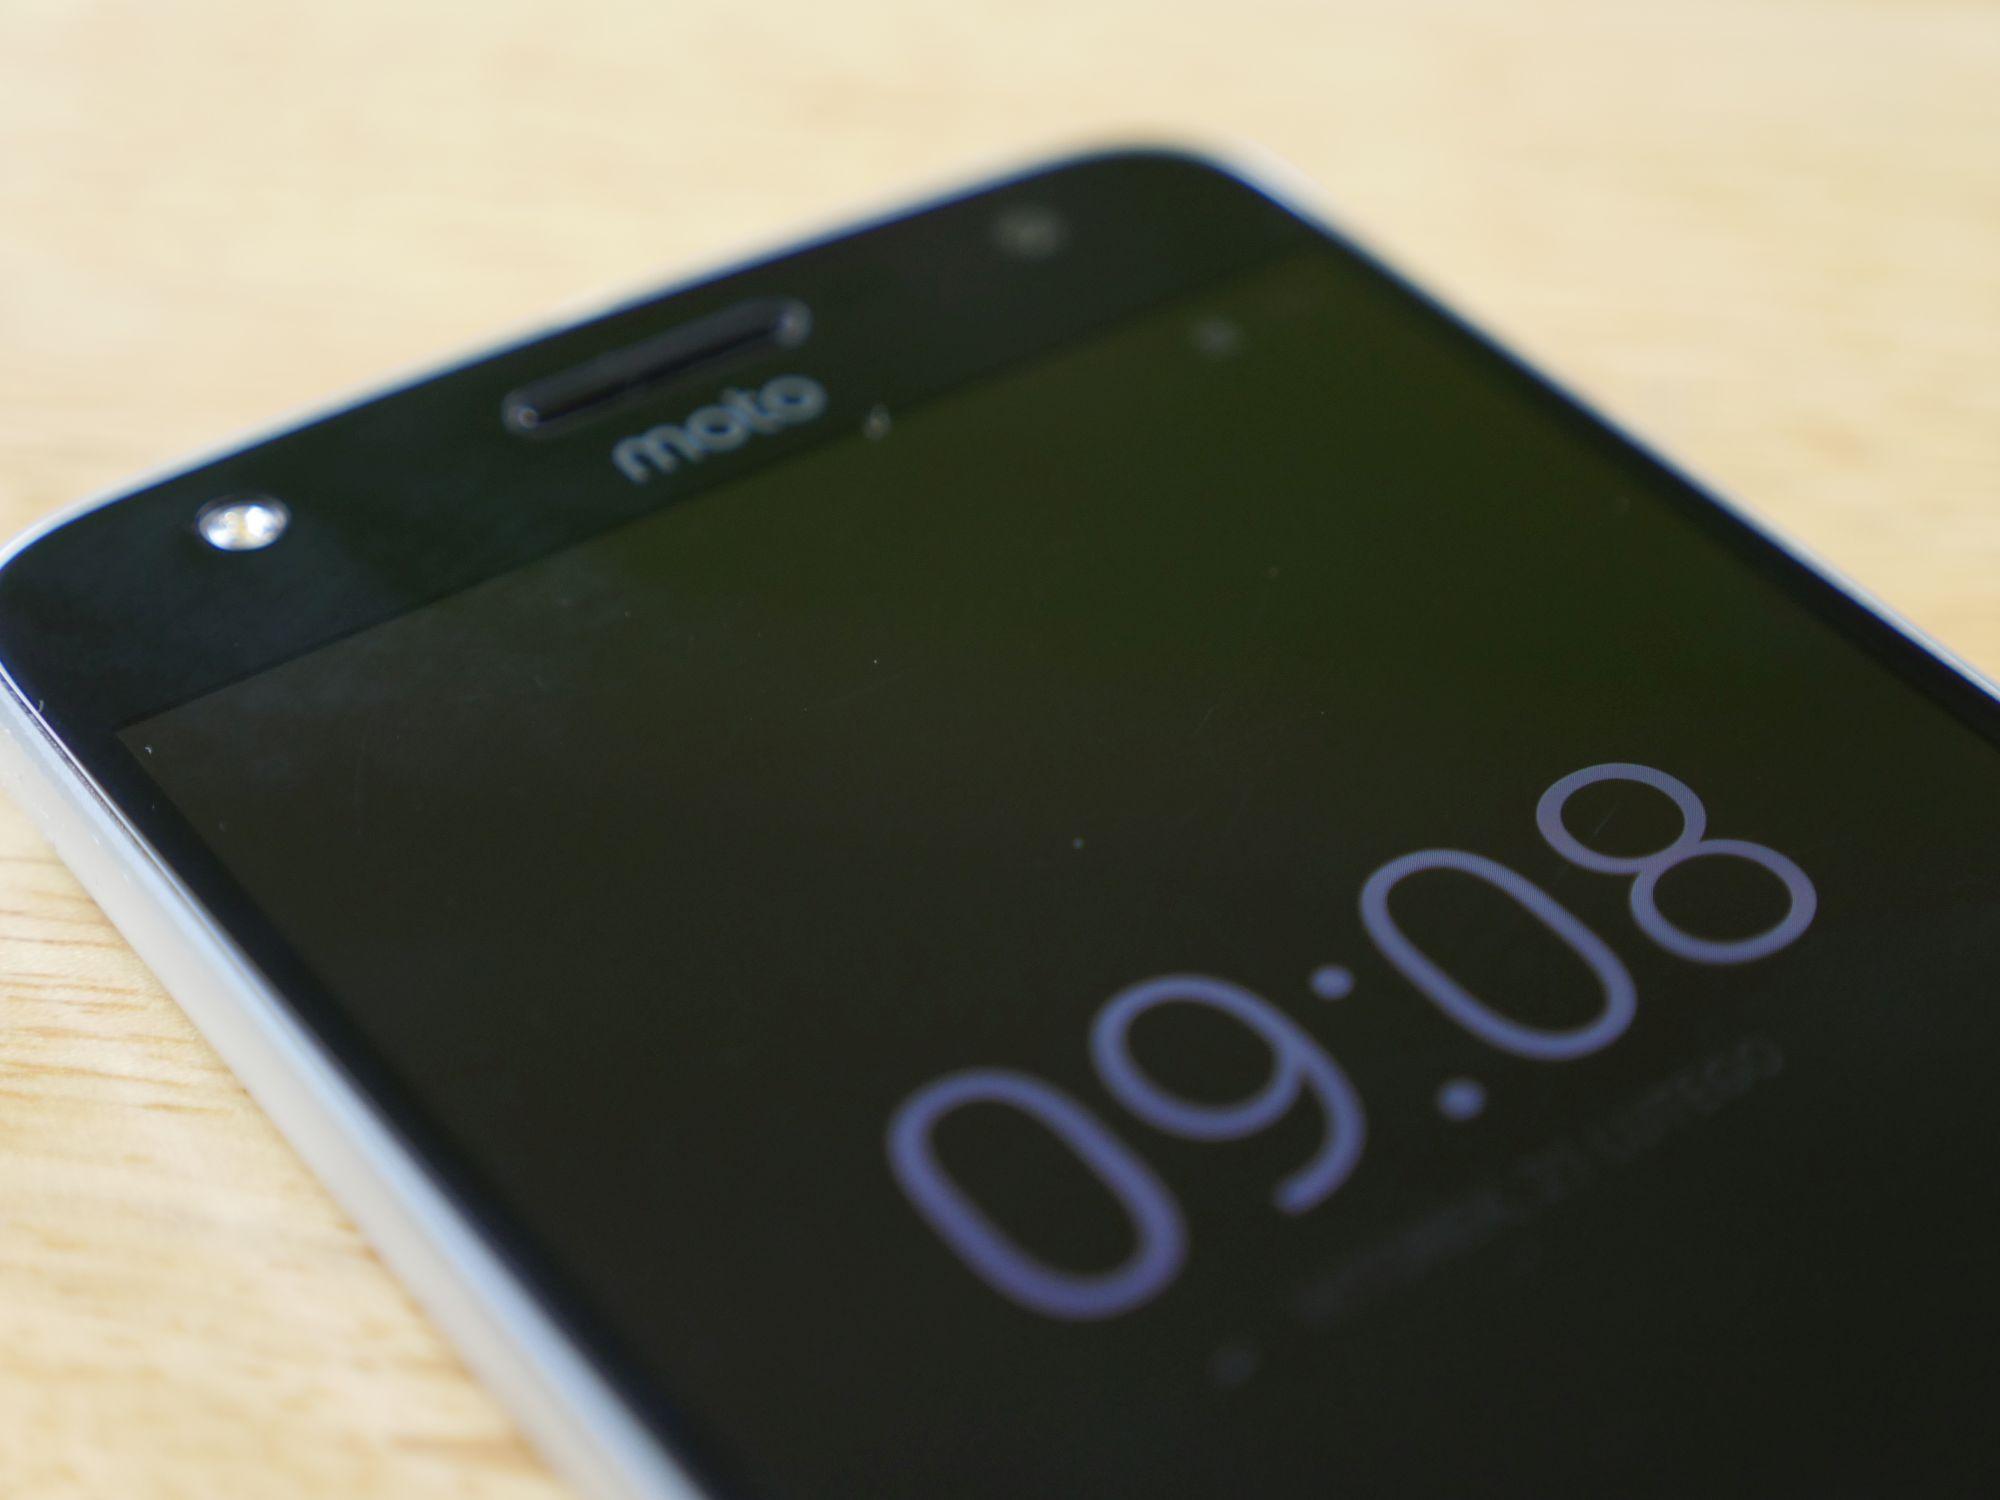 Tabletowo.pl Premiera Moto X4 30 czerwca odwołana. Winny podobno Qualcomm Android Lenovo Motorola Plotki / Przecieki Smartfony